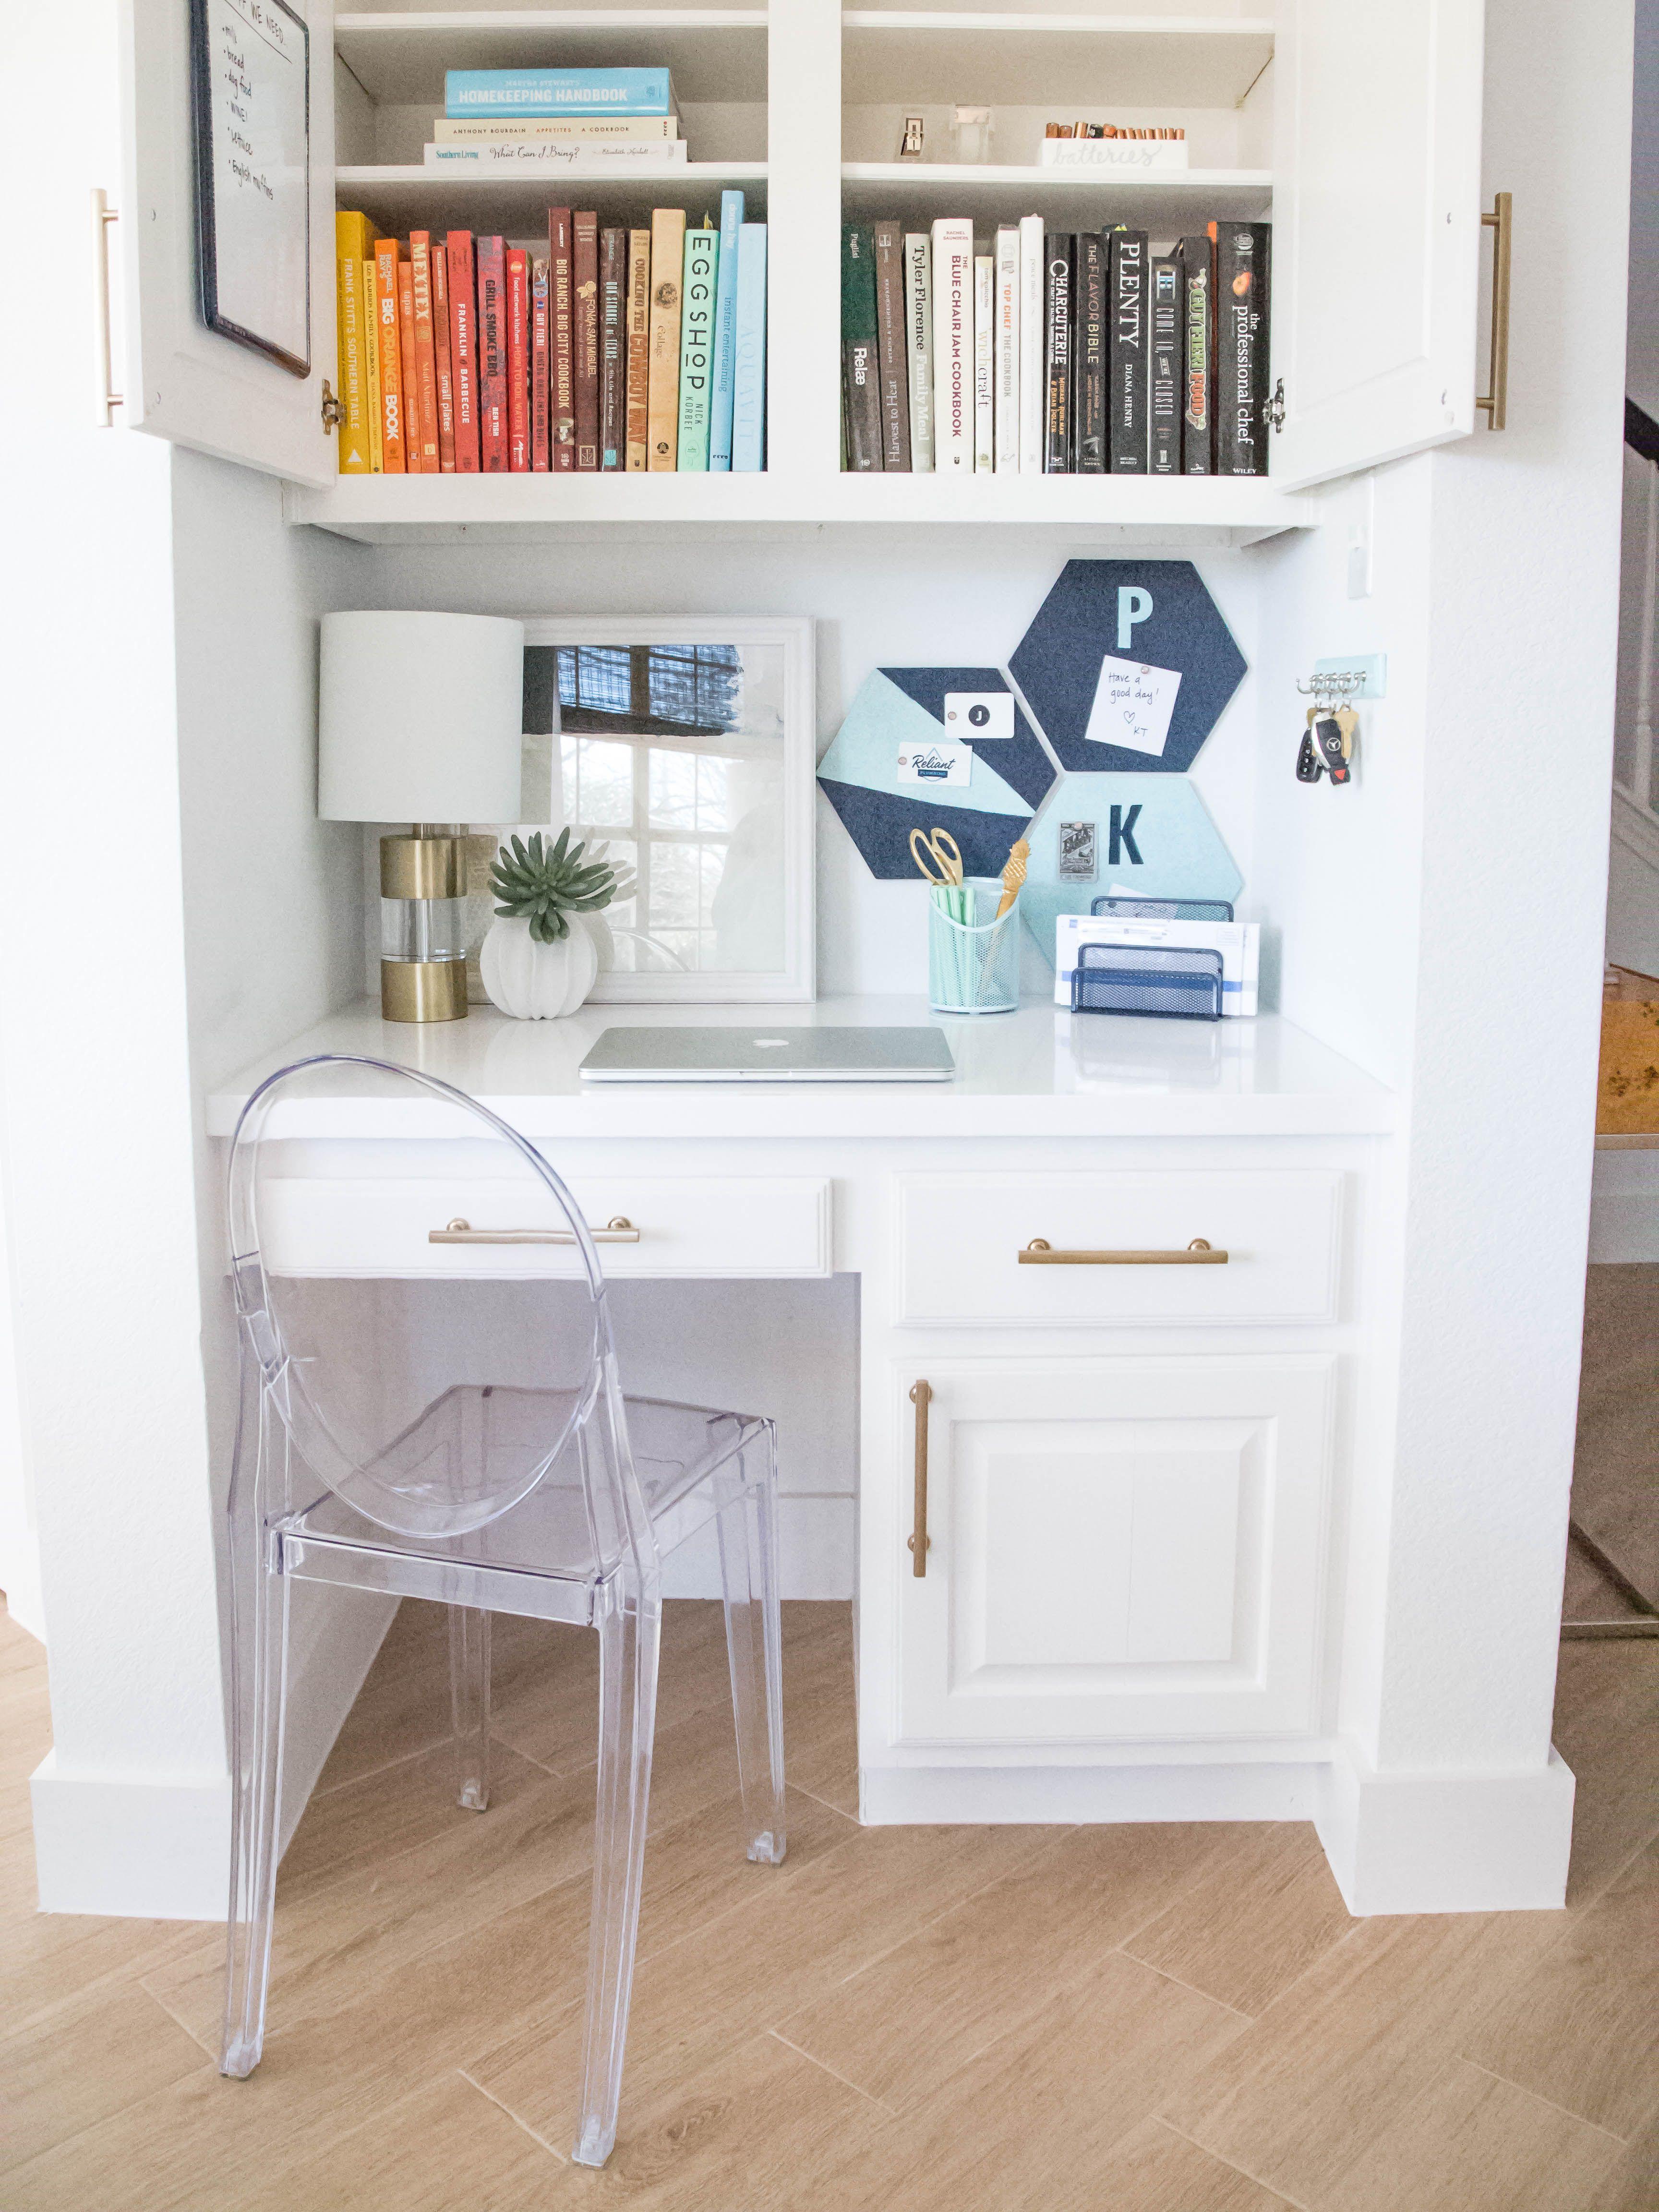 Diy Kitchen Command Center Spray Paint Chardonnay Home Office Storage Kitchen Desk Organization Kitchen Desks